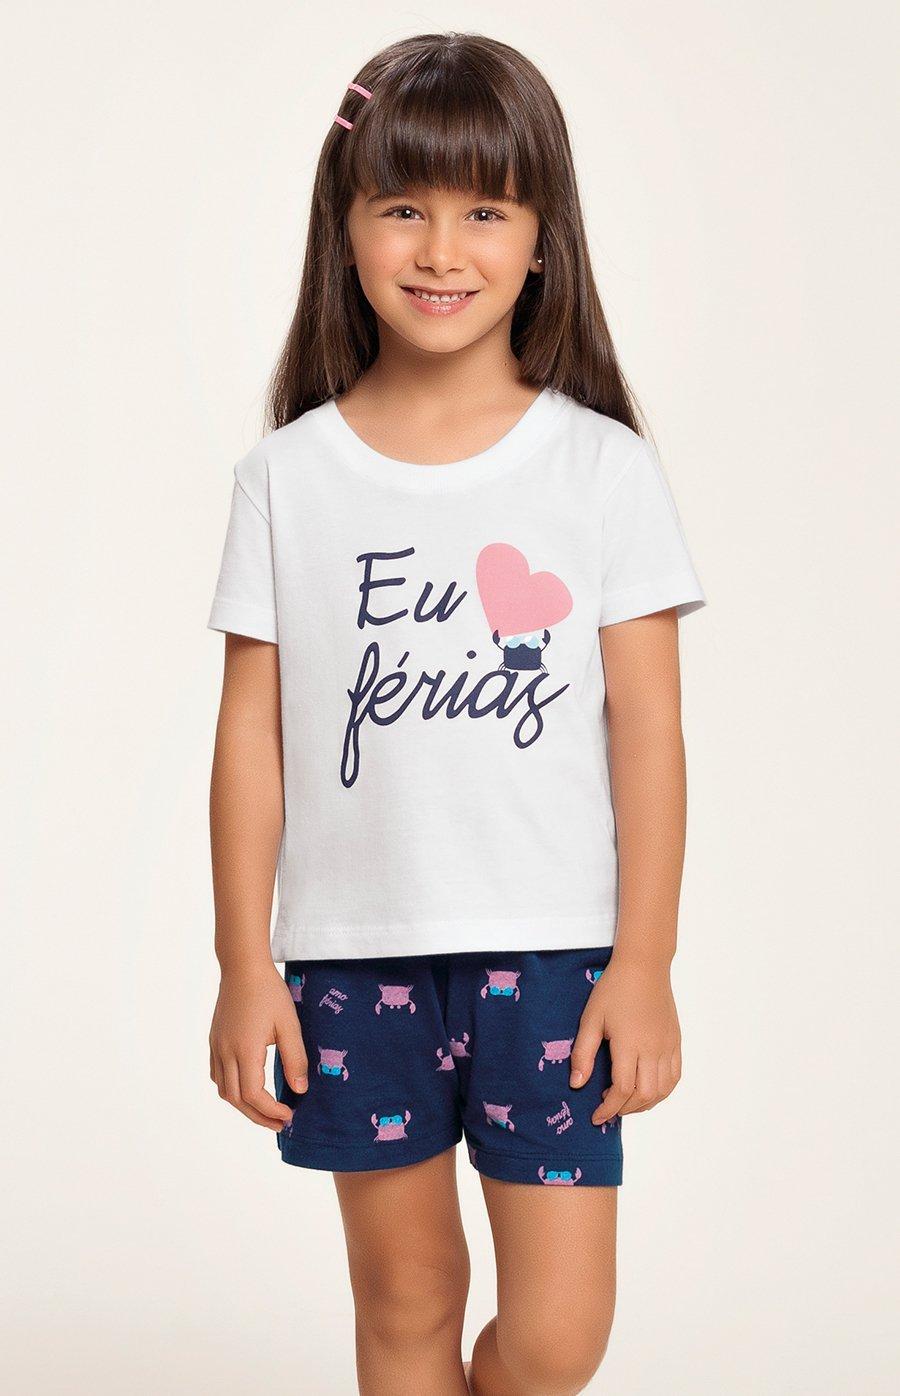 LIQUIDA Short Doll Baby 100% Algodão Amo Férias Verão 2020 MIAMI DREAMS